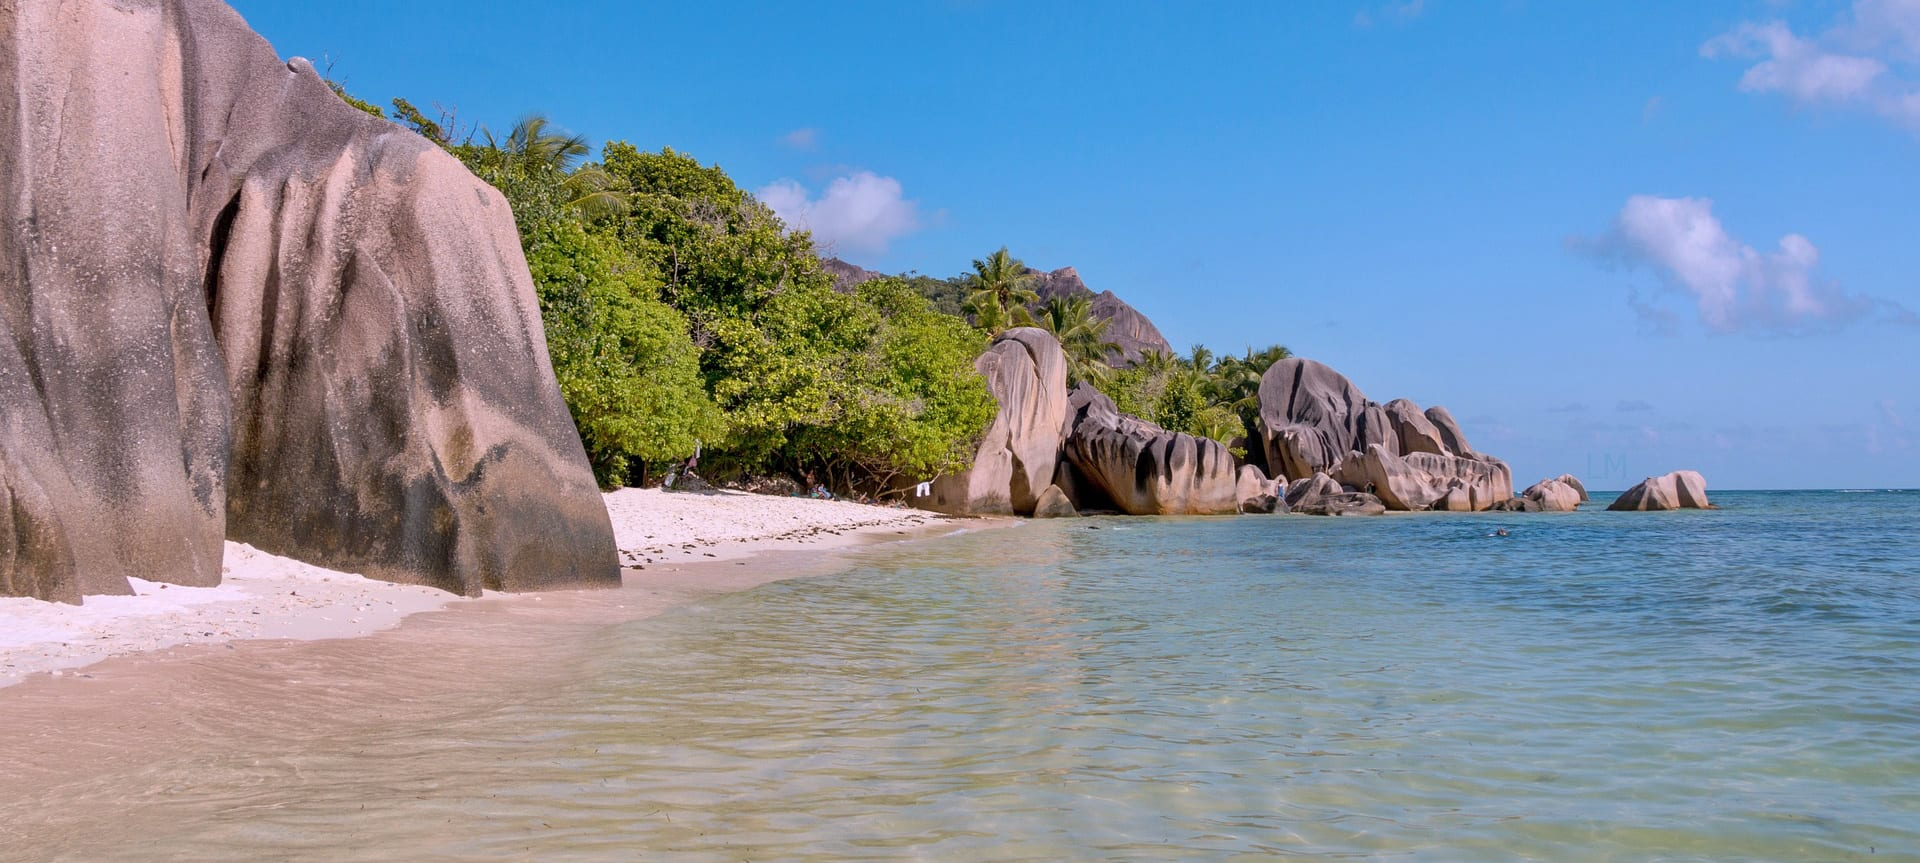 Seychelles-viagem-andrea-miramontes-pixabay